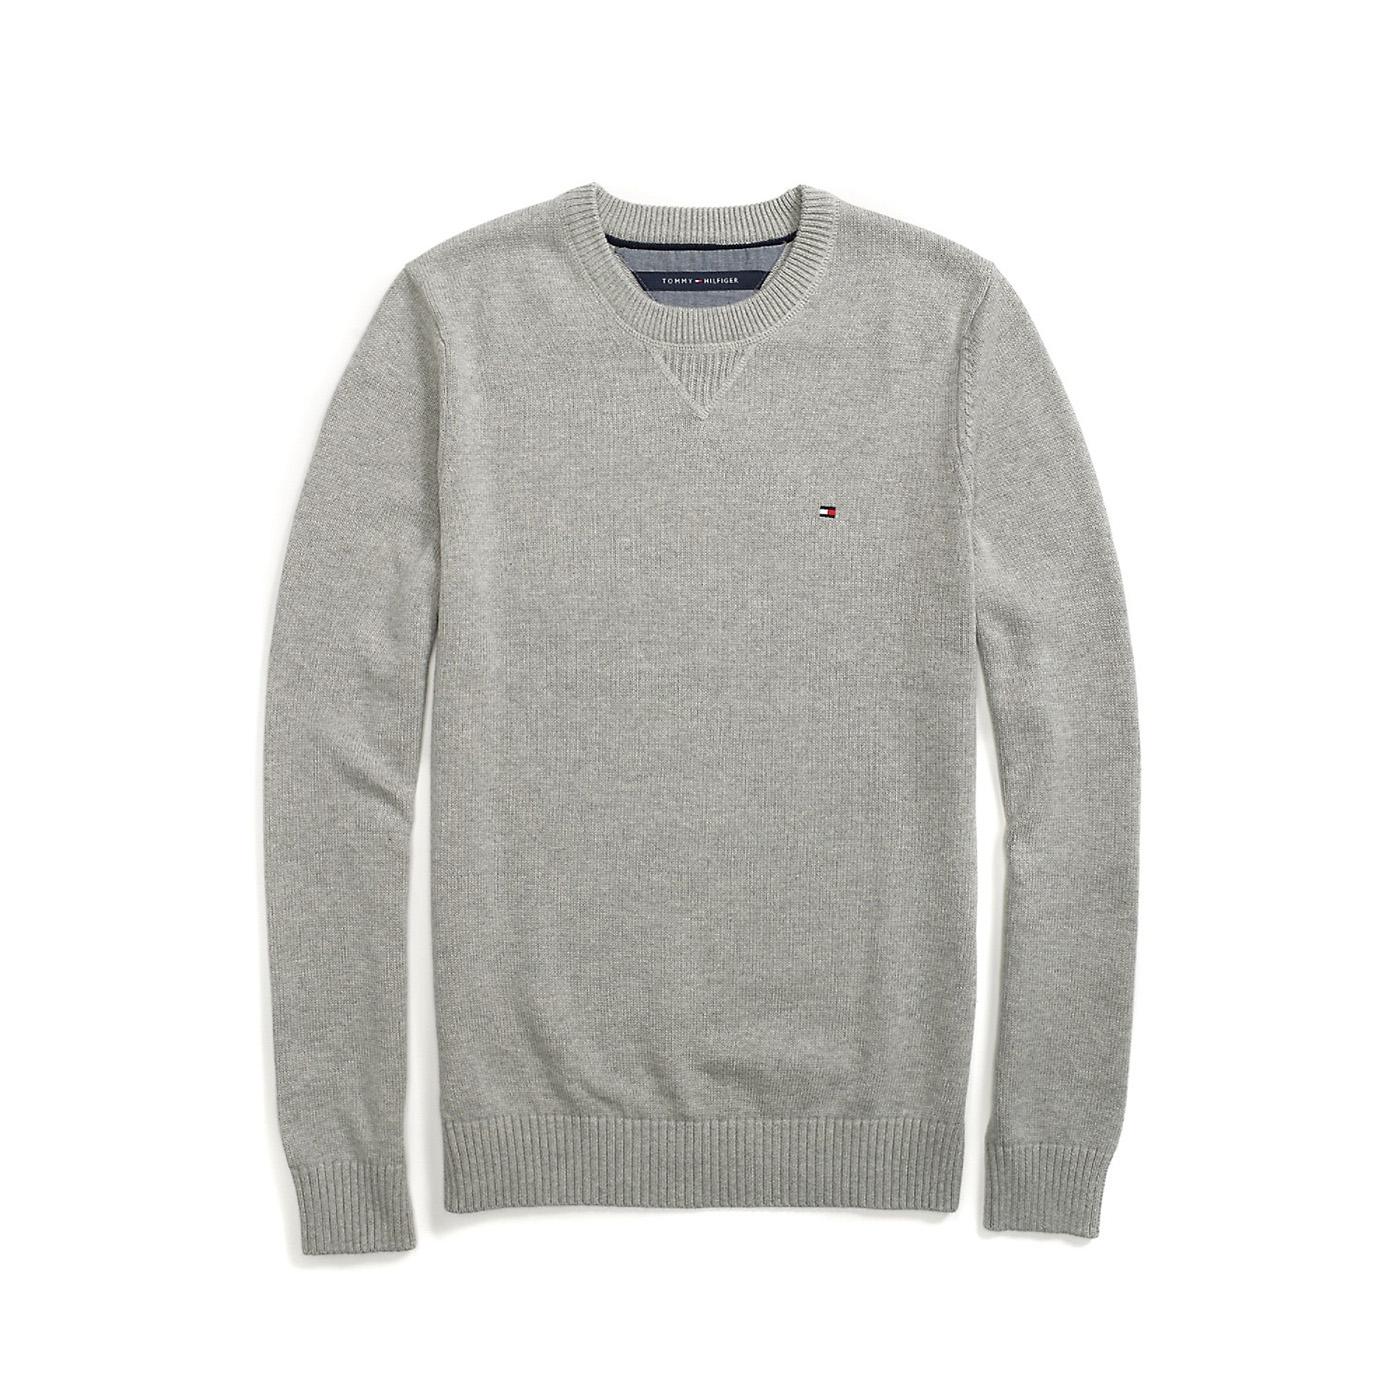 美國百分百【Tommy Hilfiger】針織衫 TH 線衫 毛衣 素面 圓領 休閒 厚版 灰色 M號 F609